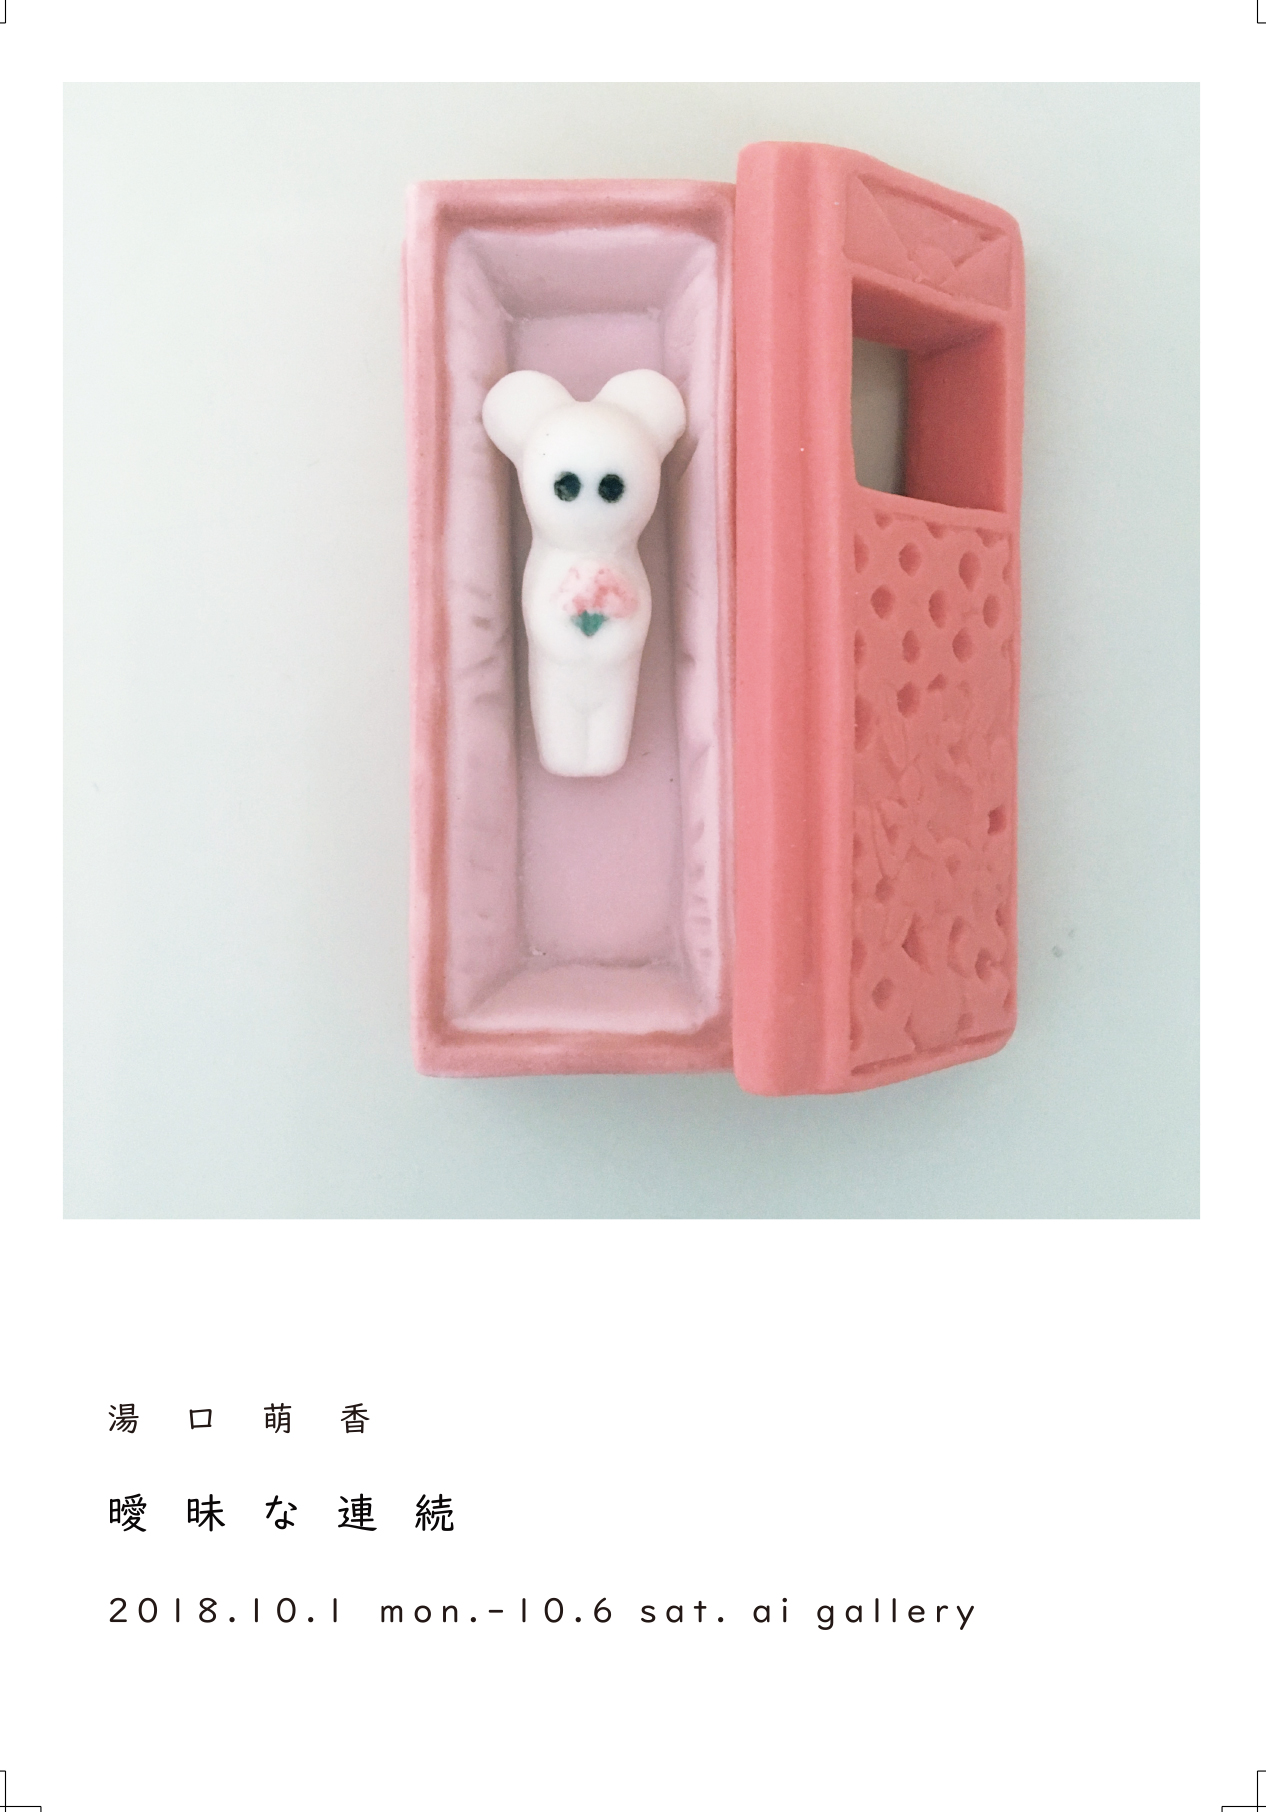 曖昧な連続 案内状 -湯口萌香(2018)